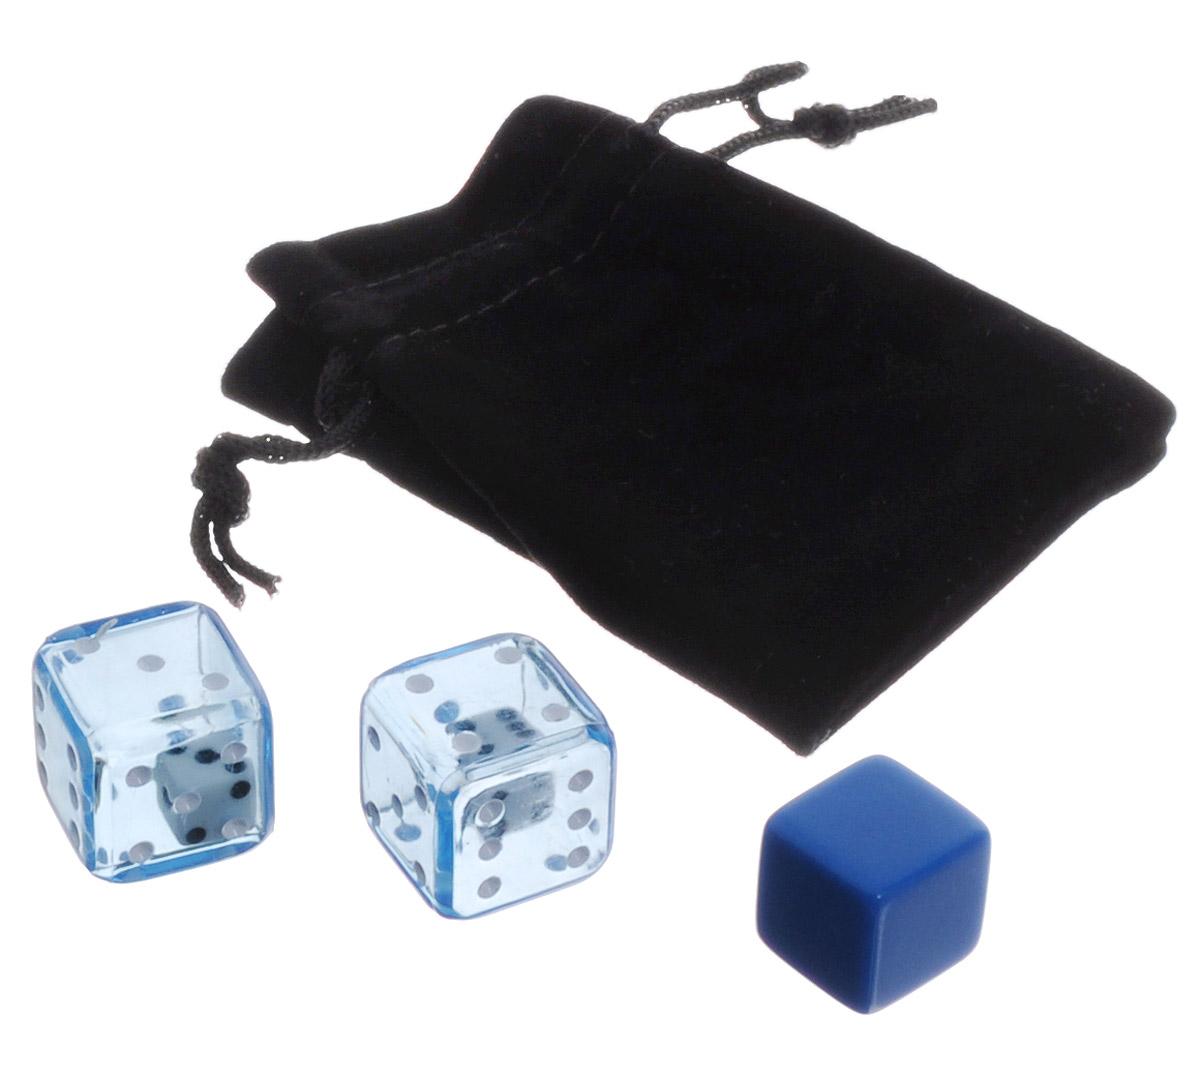 Pandoras Box Математический набор №4 Дроби цвет синий01PB037_синийС помощью данного набора можно генерировать примеры с любыми математическими операциями, так как вы можете написать на пустом кубике все что угодно, тем самым усложняя примеры для детей. Рекомендуется для детей от 9 лет. Количество игроков - от 2 человек. Самое продуктивное количество играющих - 2-3 человека, так как большее количество заставит скучать детей, ожидая свой ход. Цель игры - тренировать навыки устного счета через вычисление дробей, математические действия (сложение и вычитание) с ними. Дроби достаточно сложная тема и ее лучше всего осваивать в игровой форме.